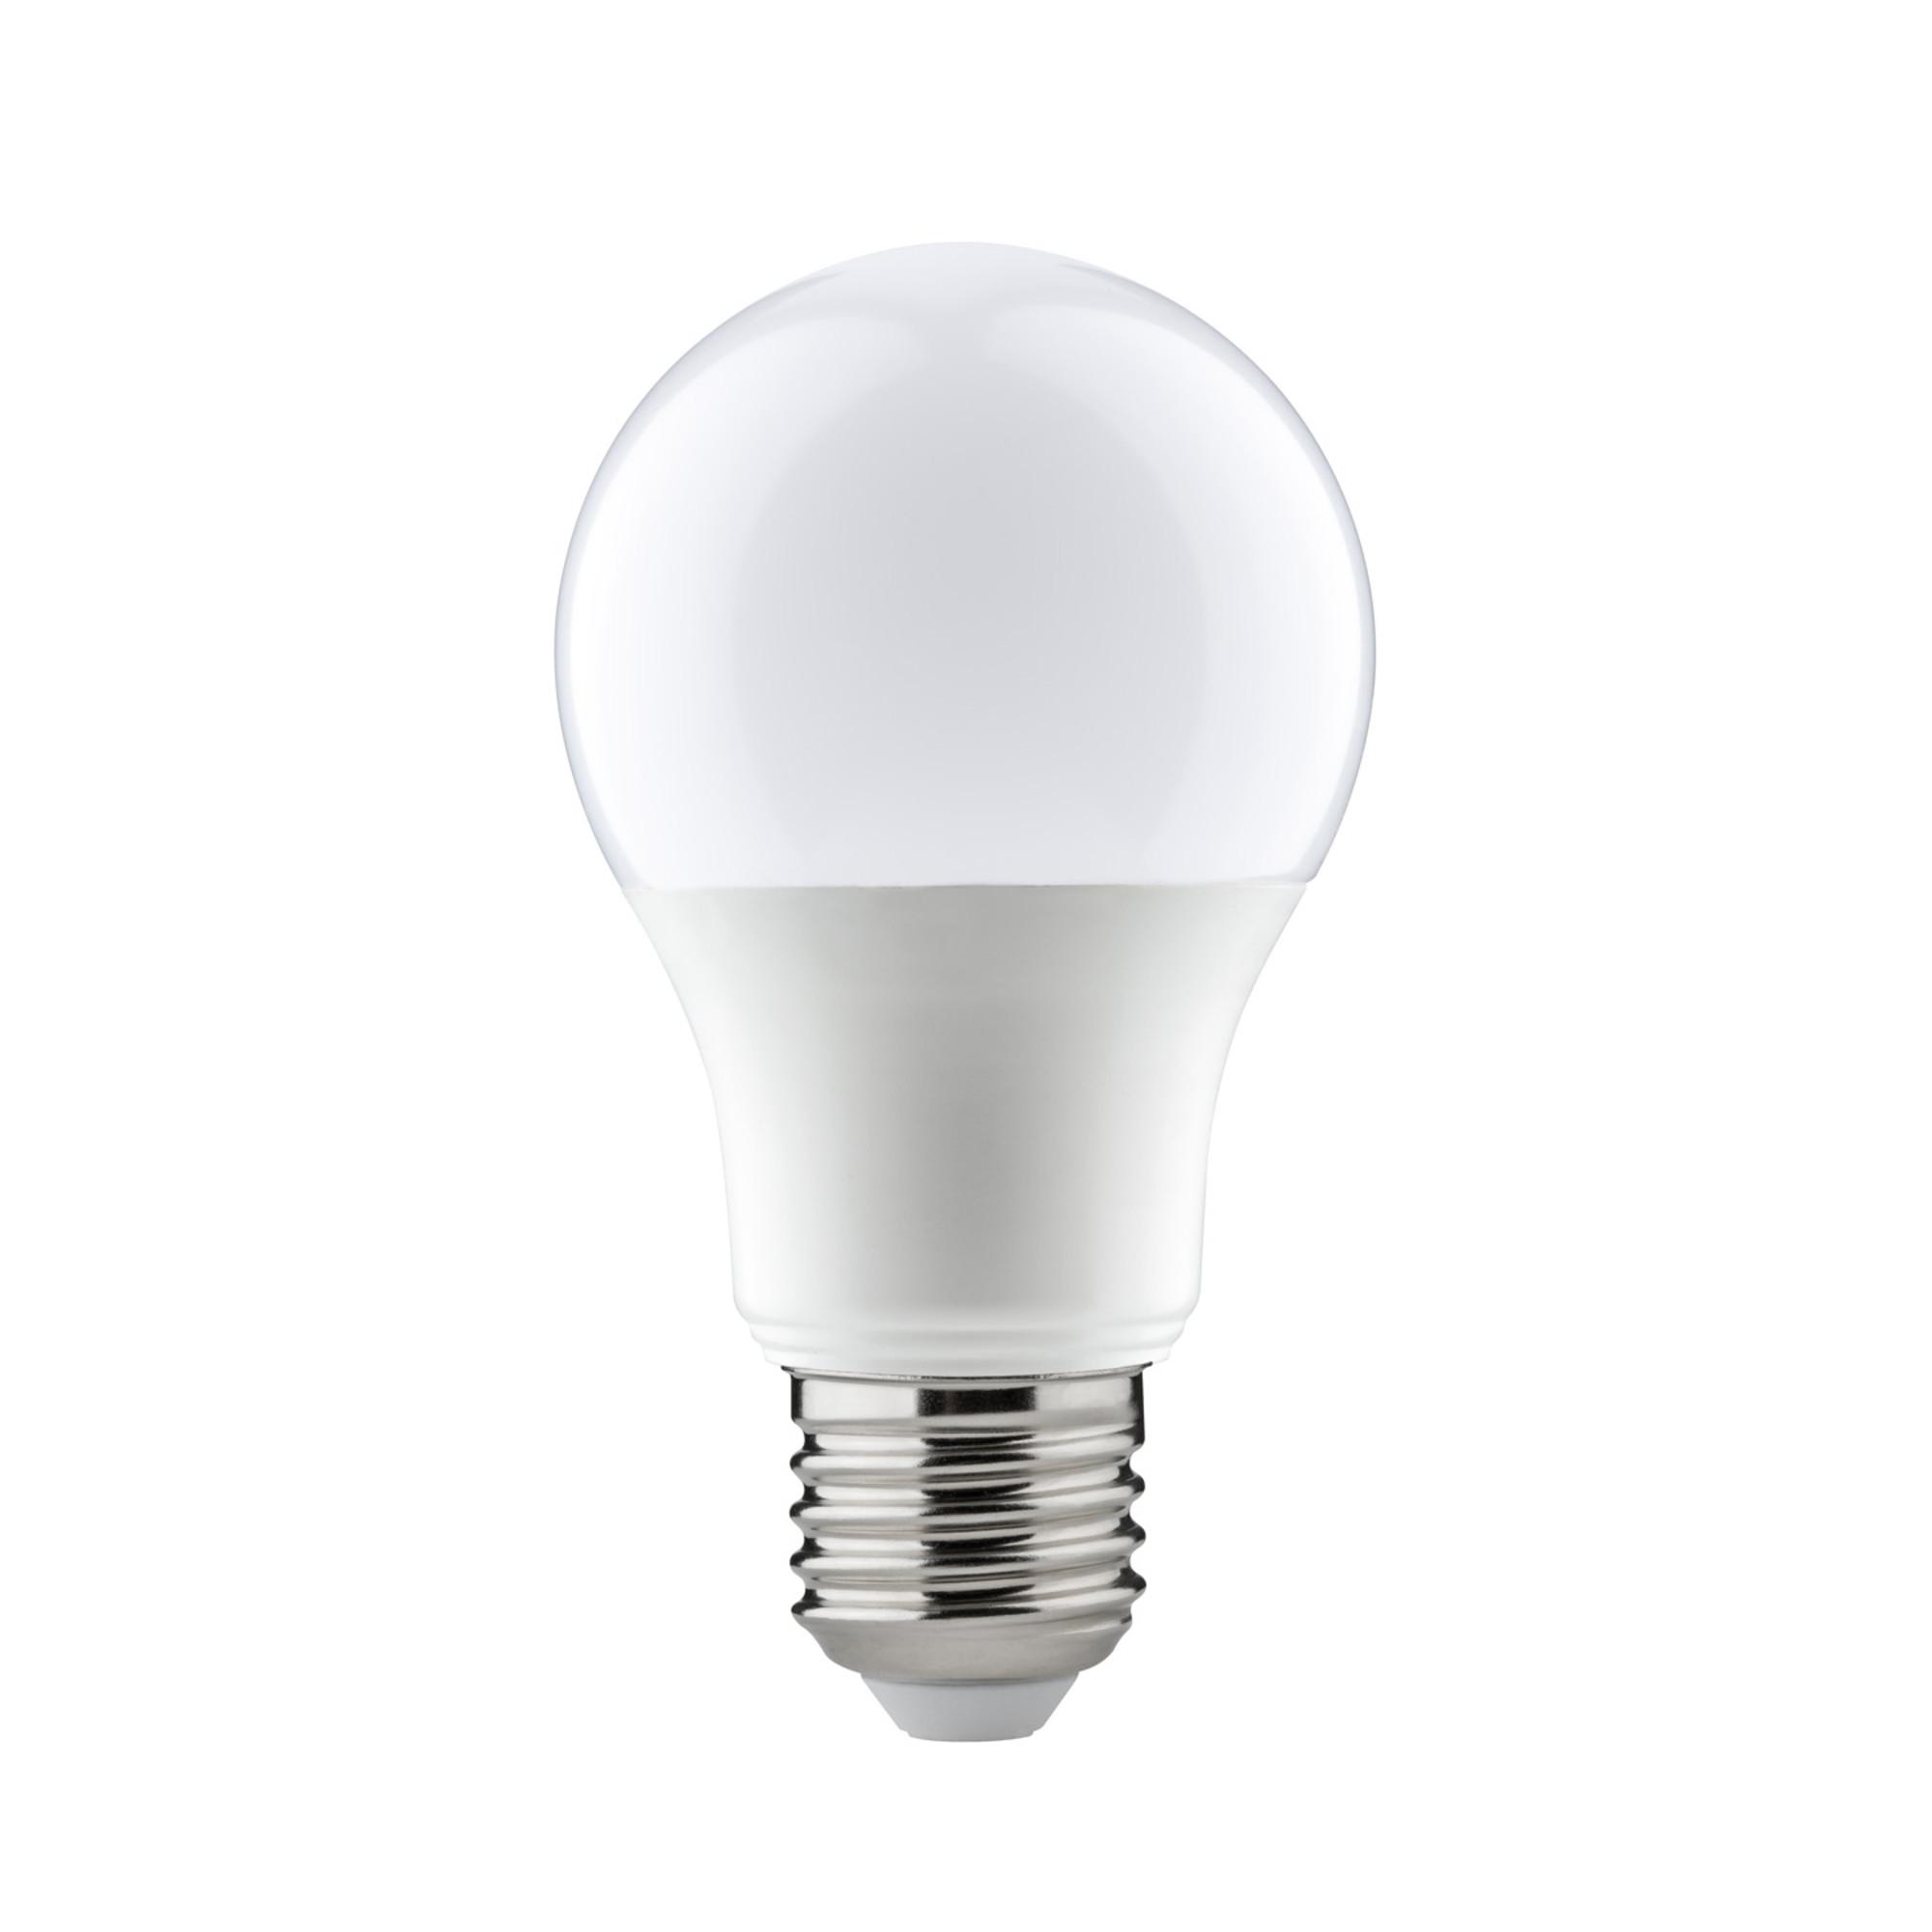 Лампа Paulmann 28298 E27 806 Лм теплый свет